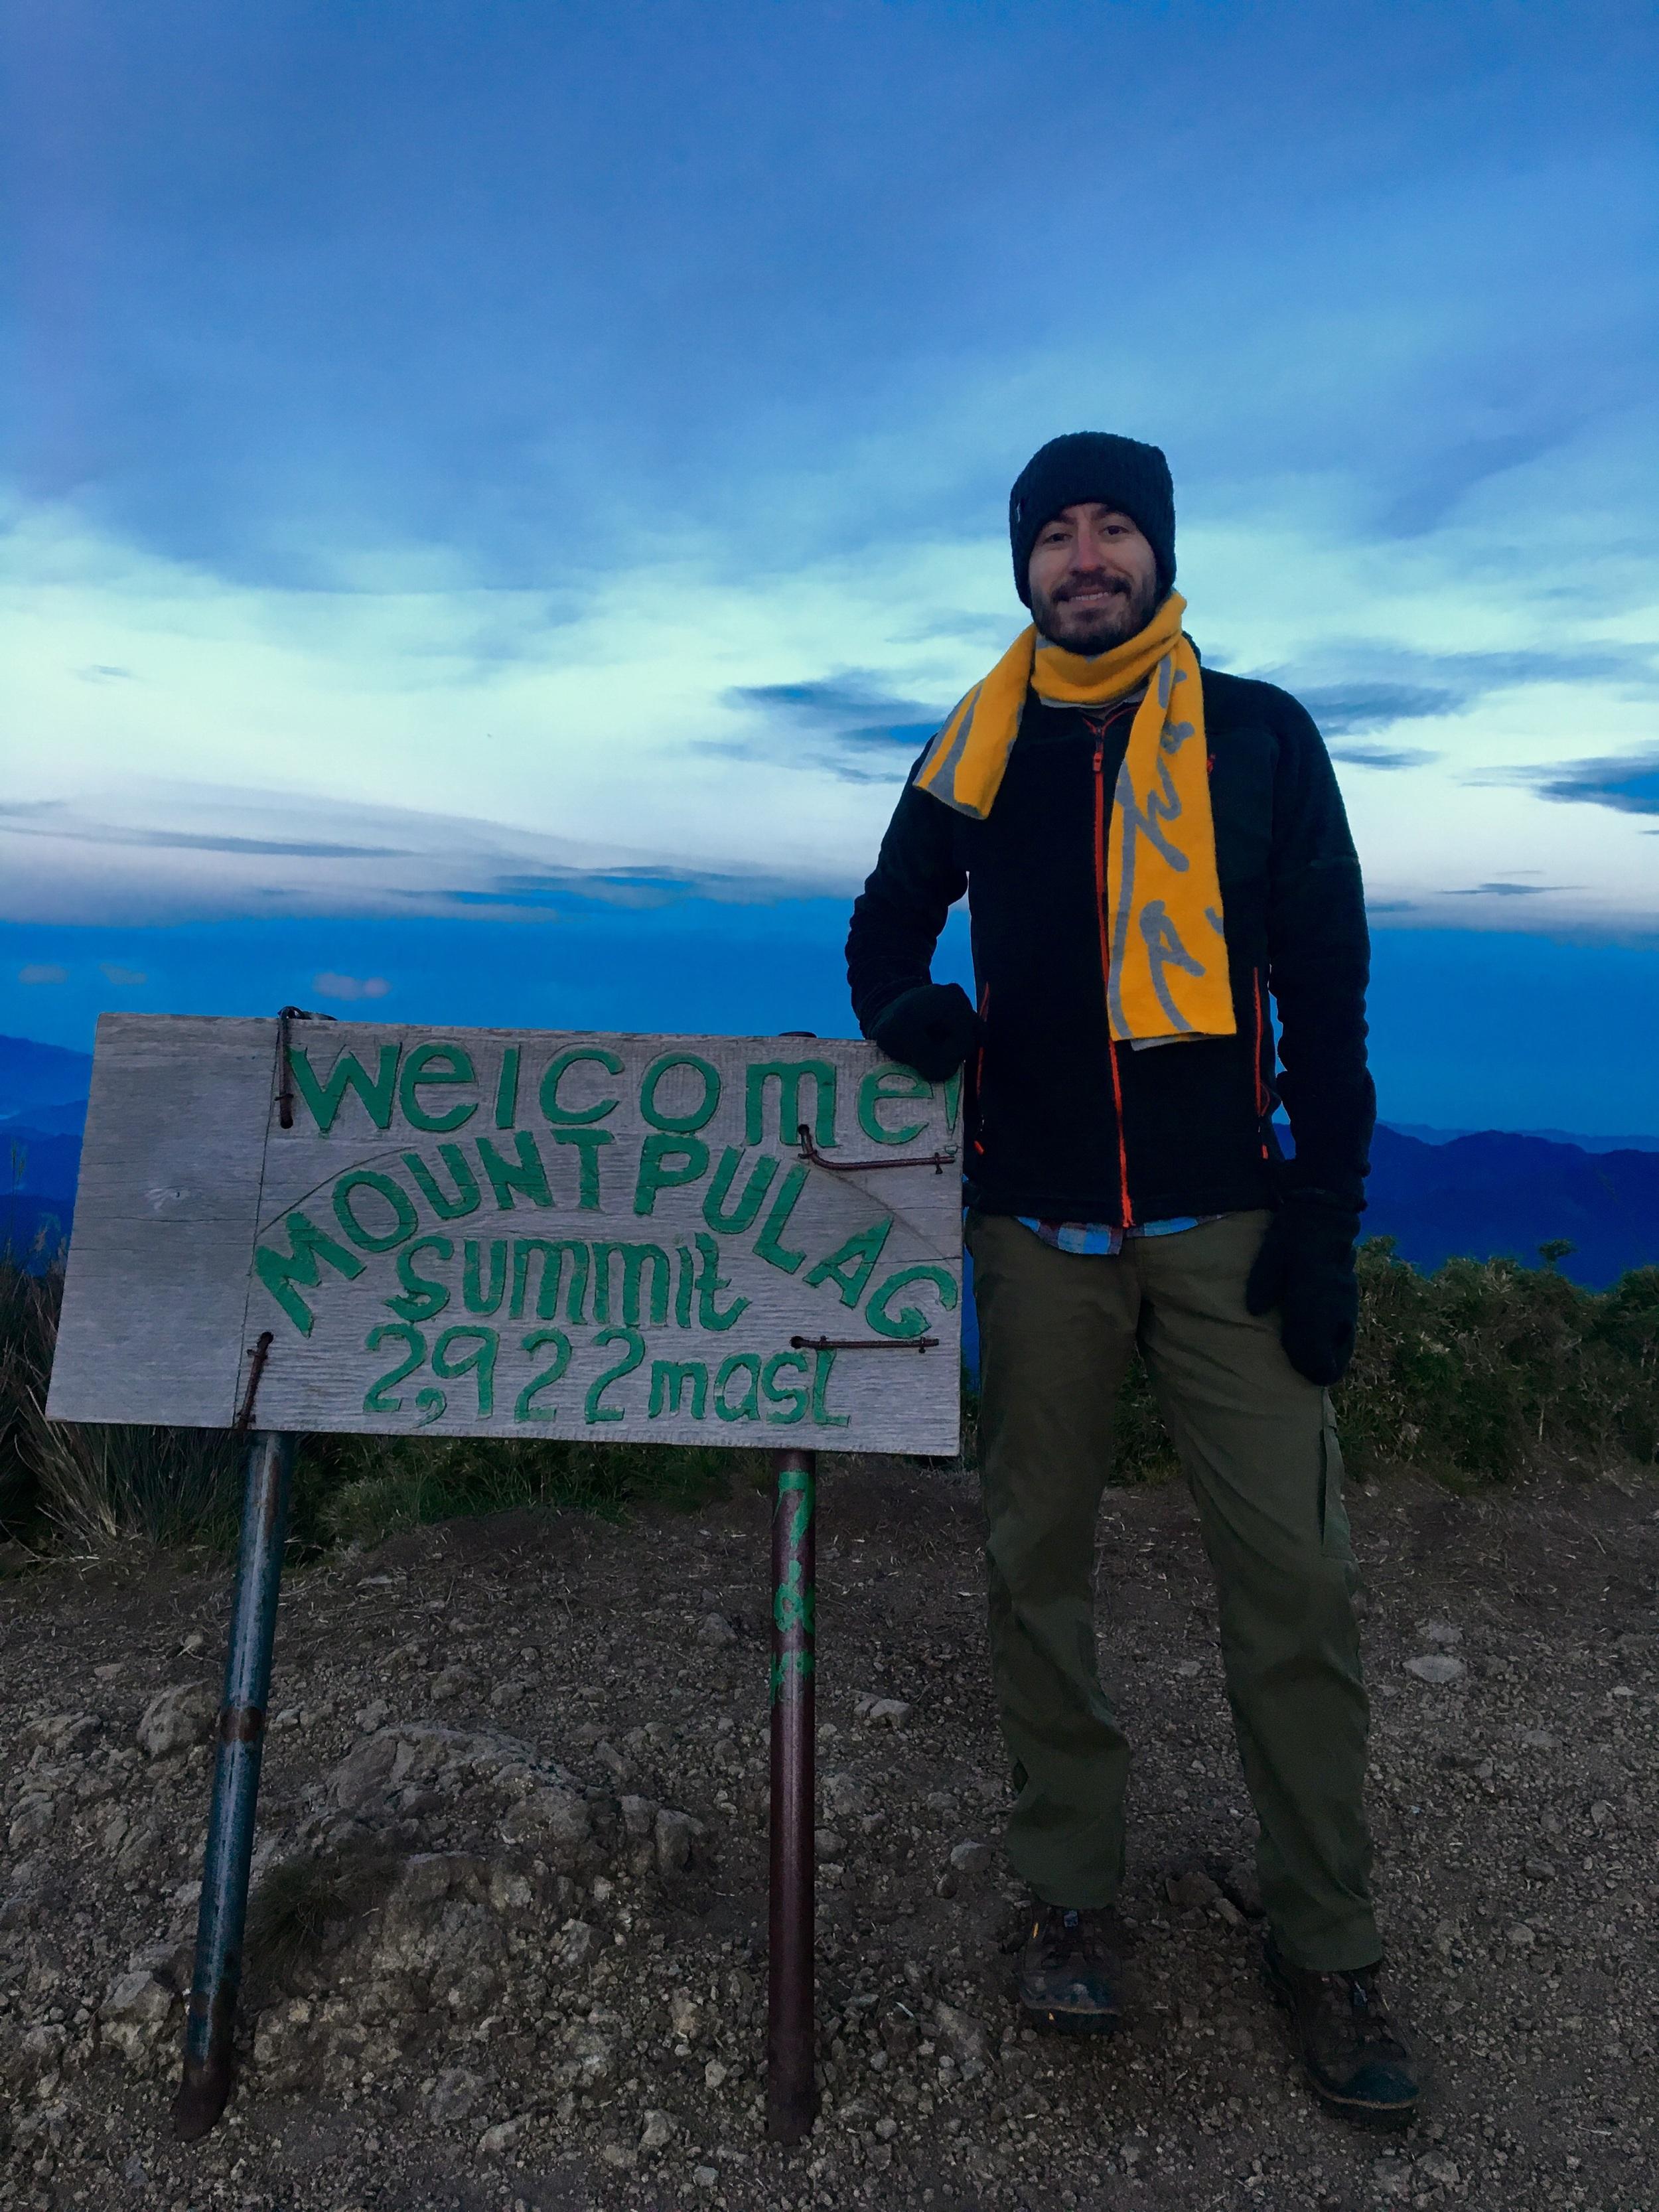 2922 meters or 9587 feet